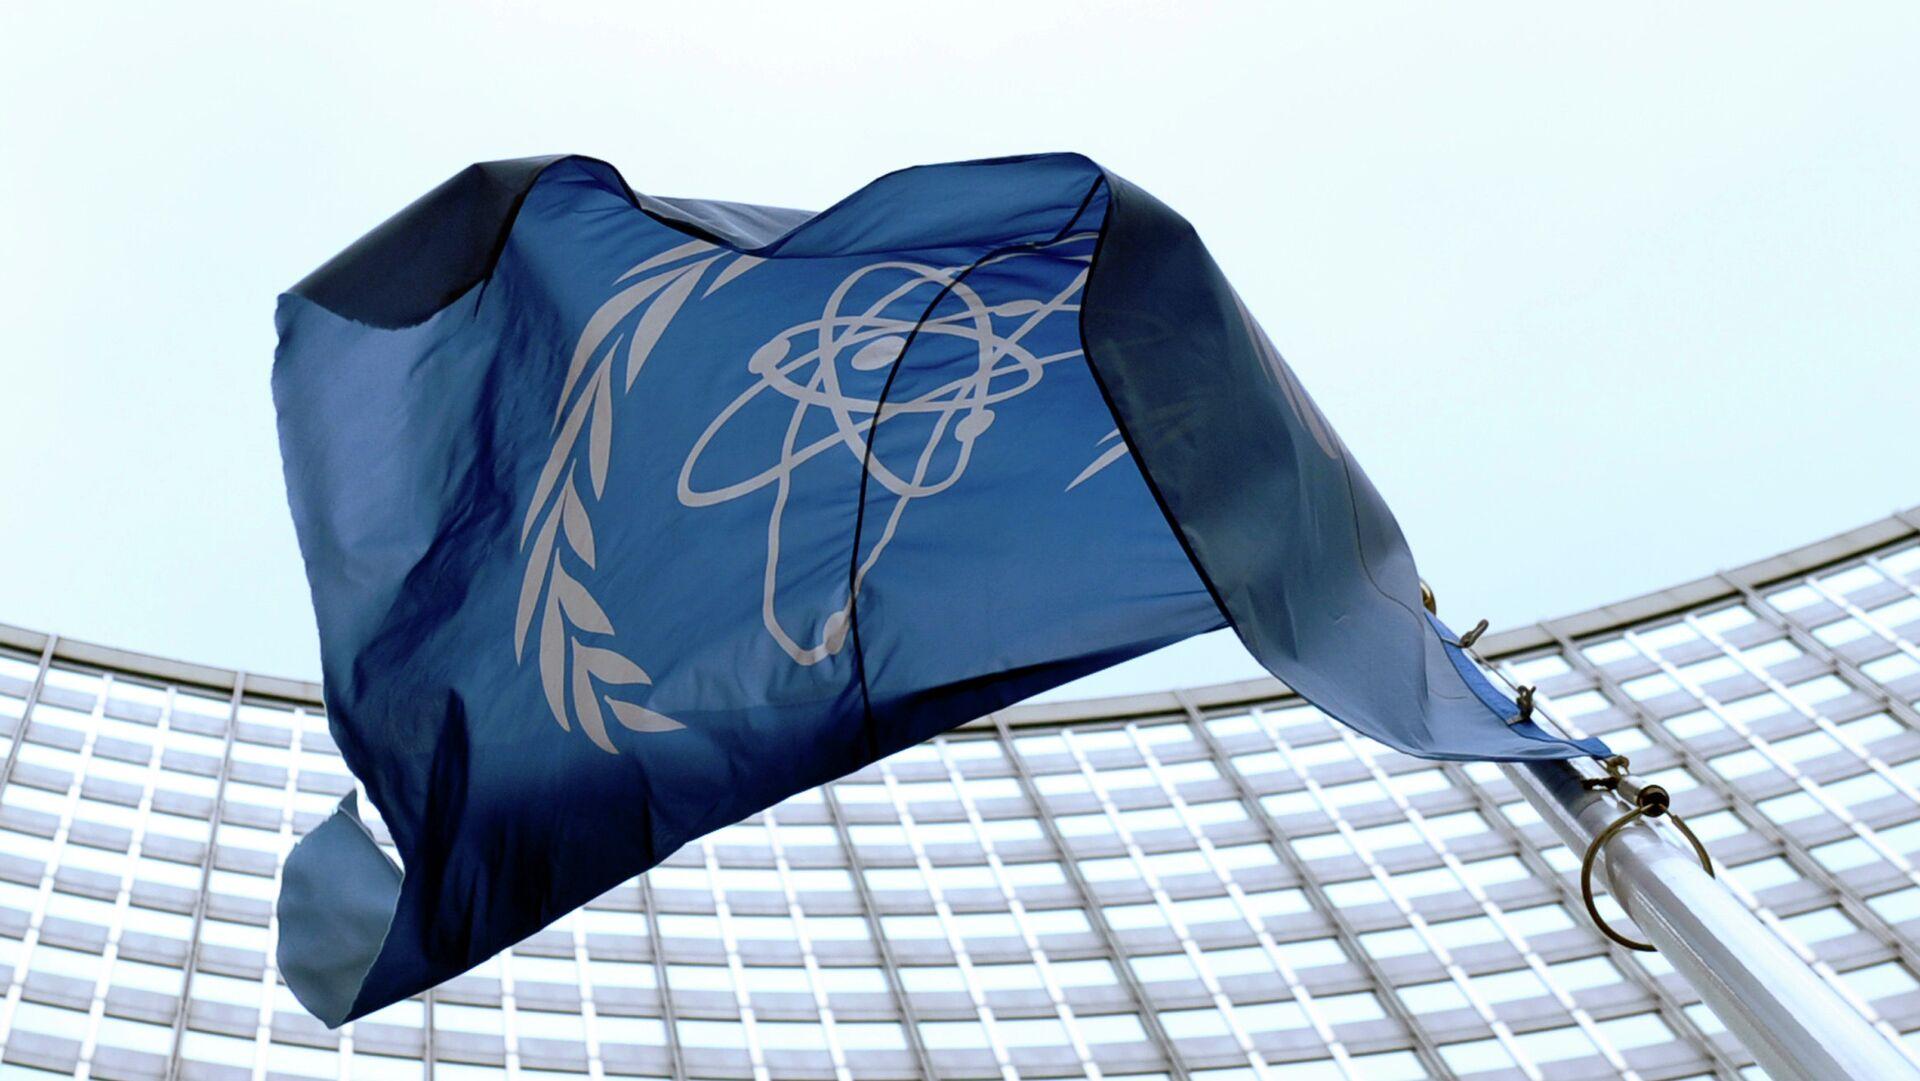 La bandera de la OIEA en Viena - Sputnik Mundo, 1920, 15.02.2021